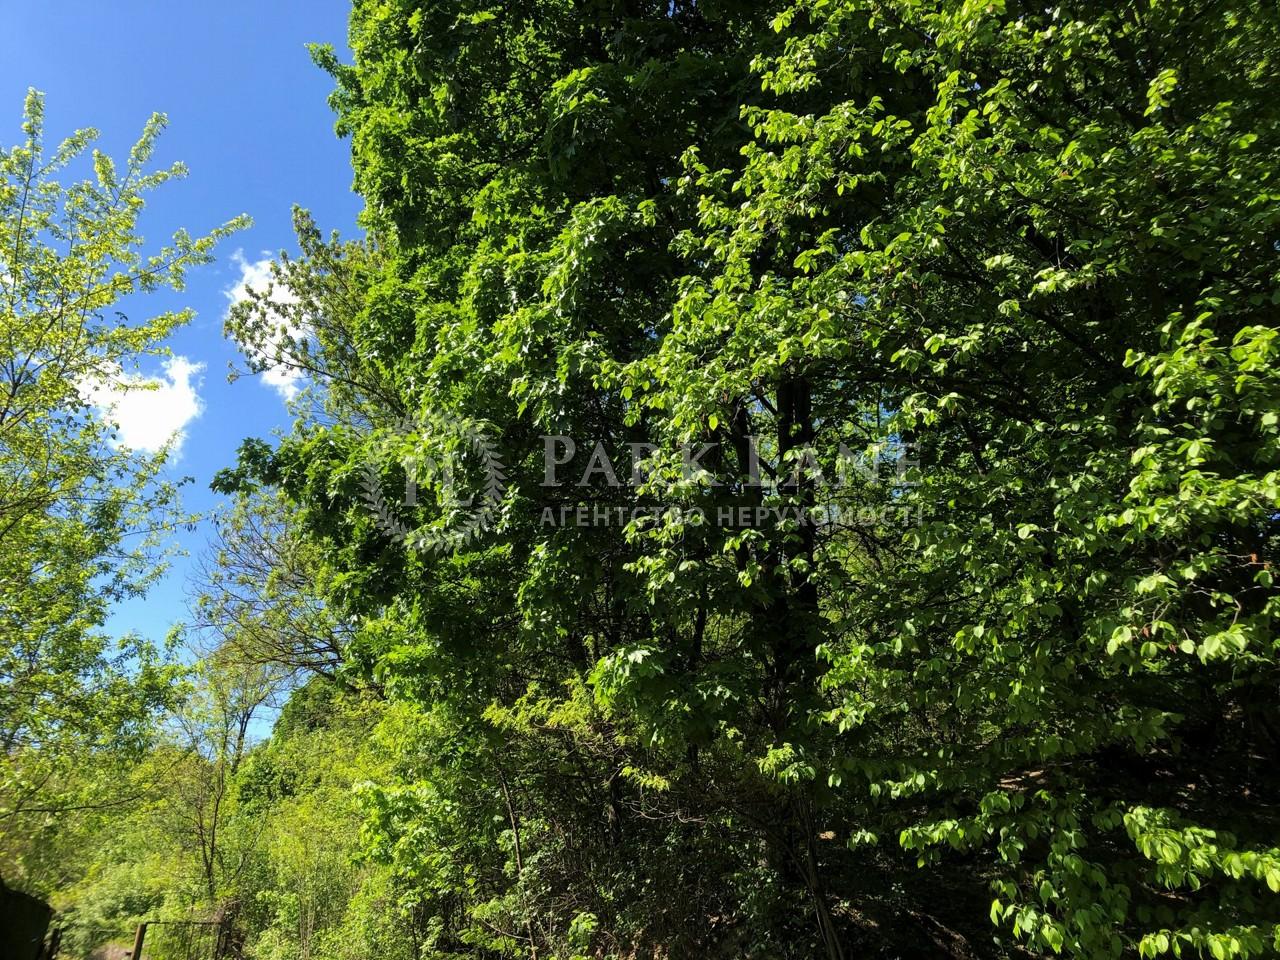 Земельный участок ул. Магистральная, Киев, M-5161 - Фото 3